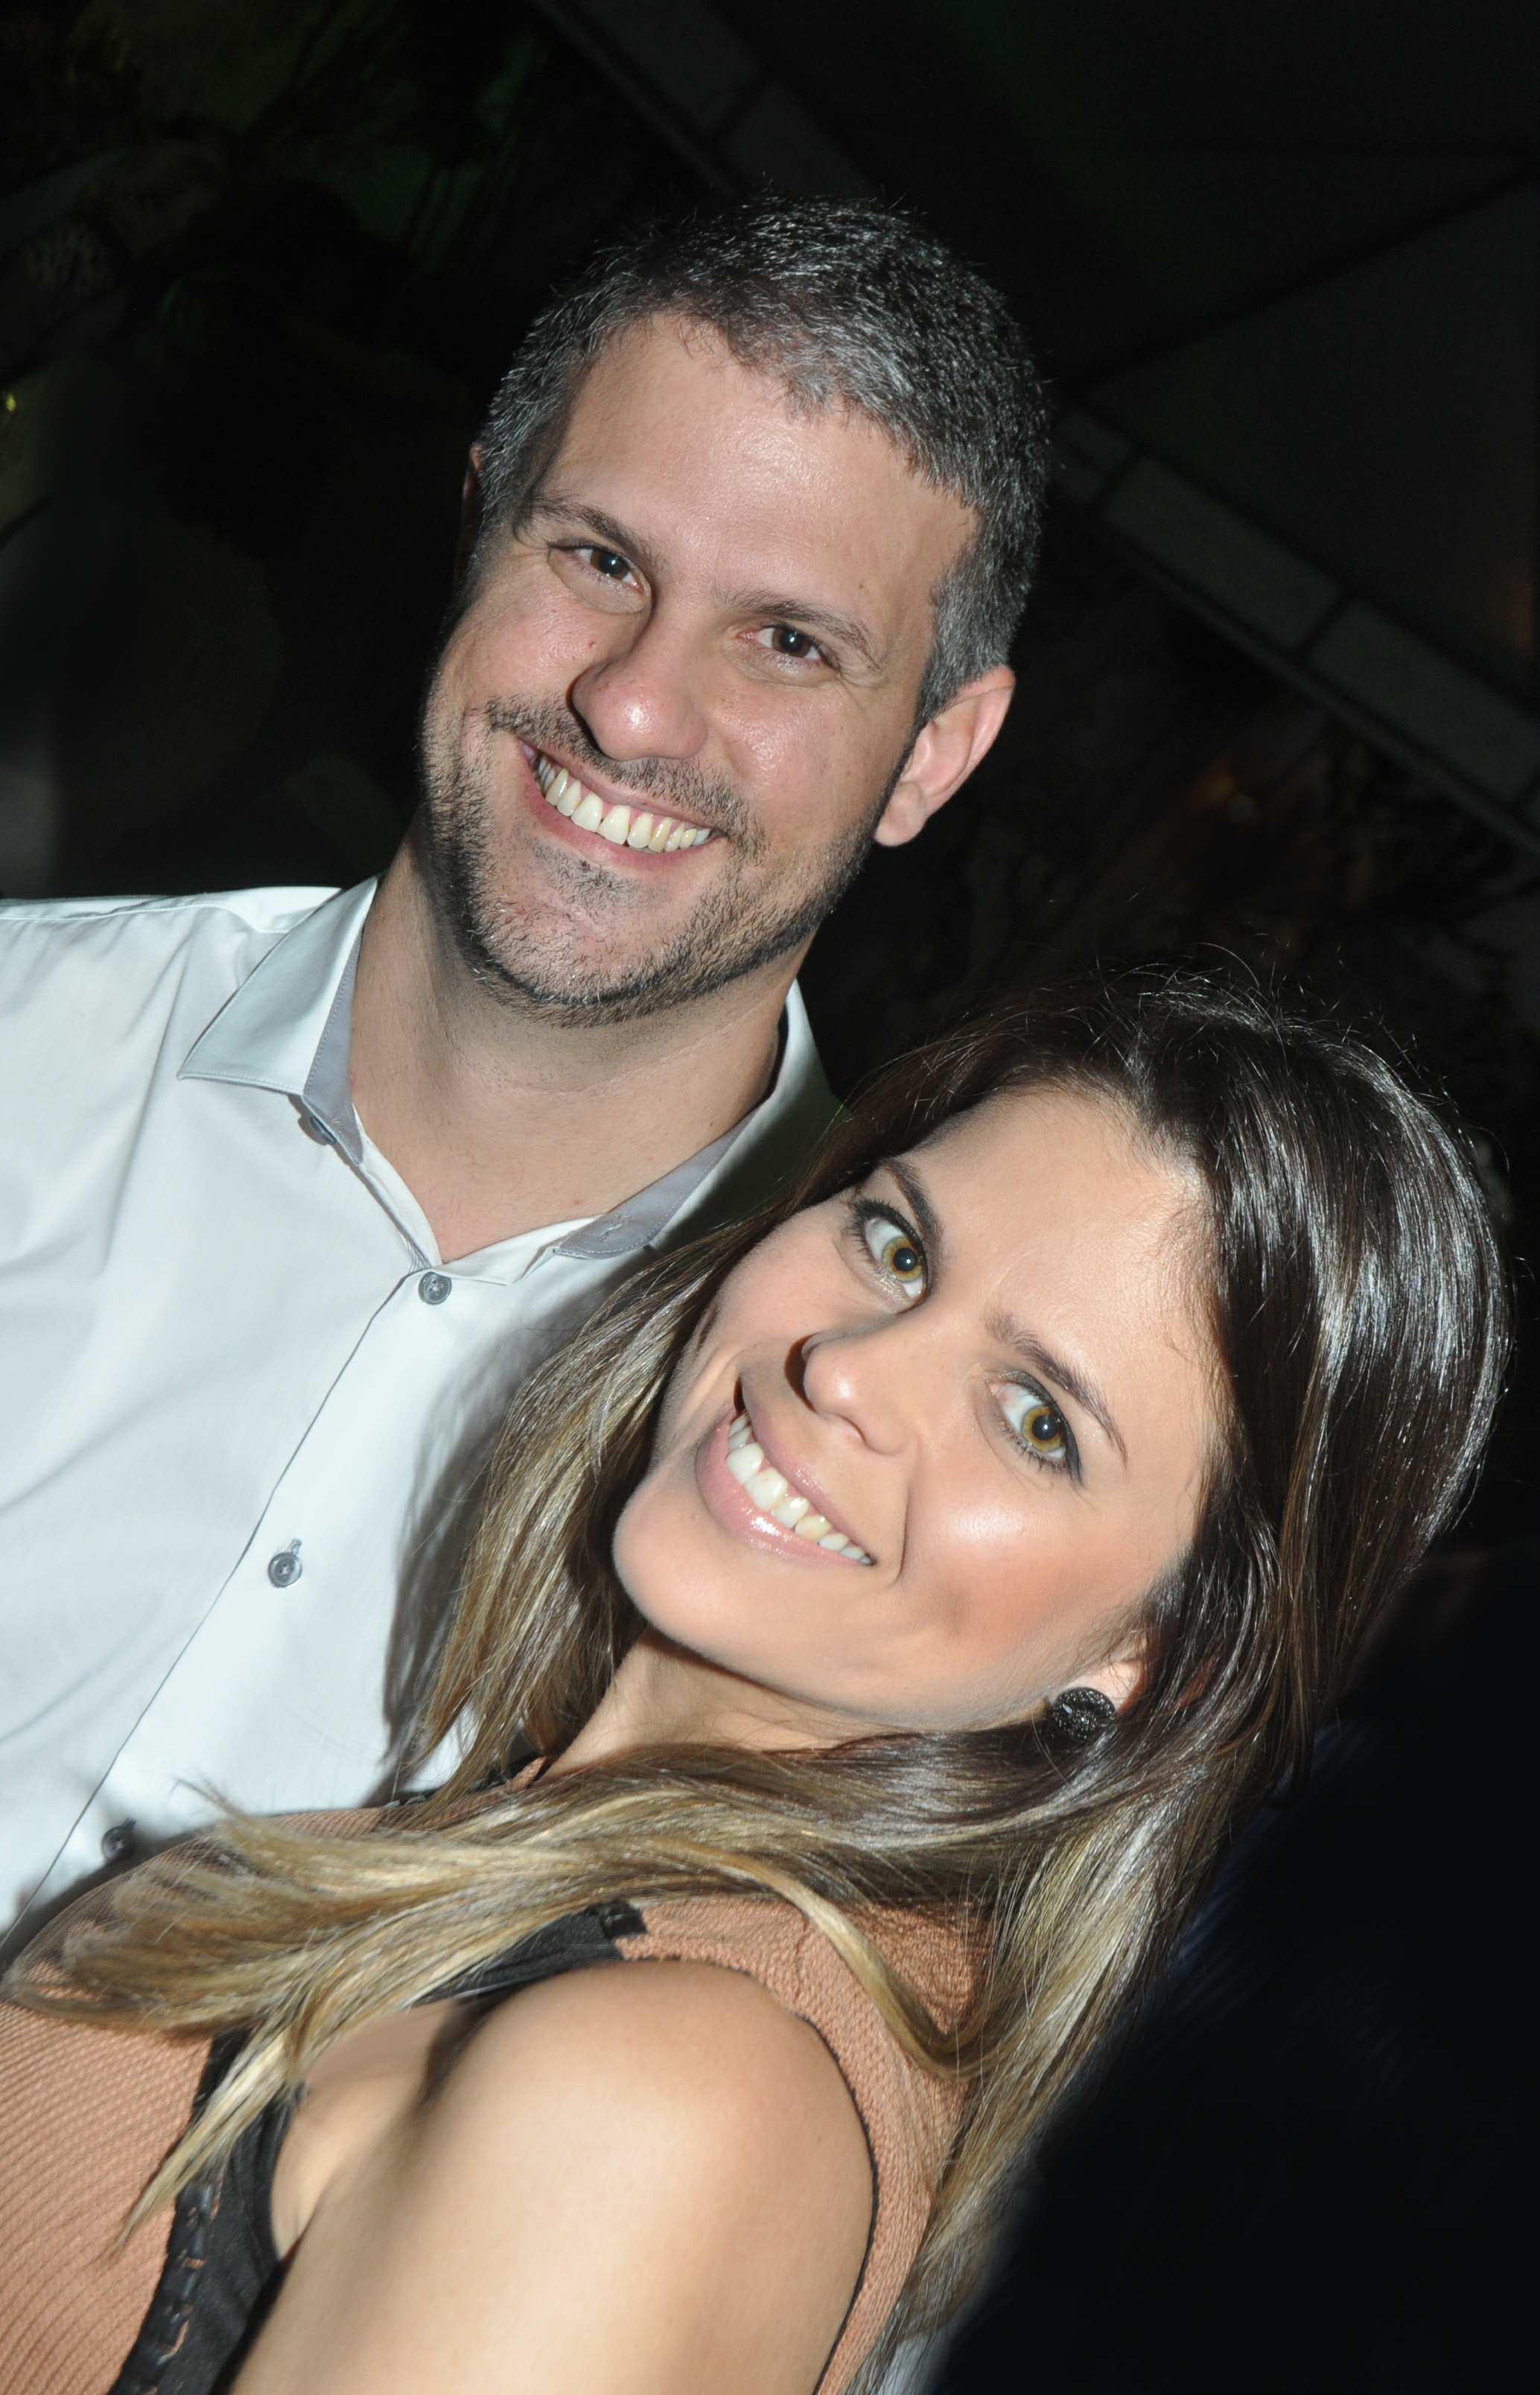 Quinta-feira de Túnel do Tempo com o casal Arnon Cesar/Raquel marcando presença nos embalos dançantes do JET Potiguar.